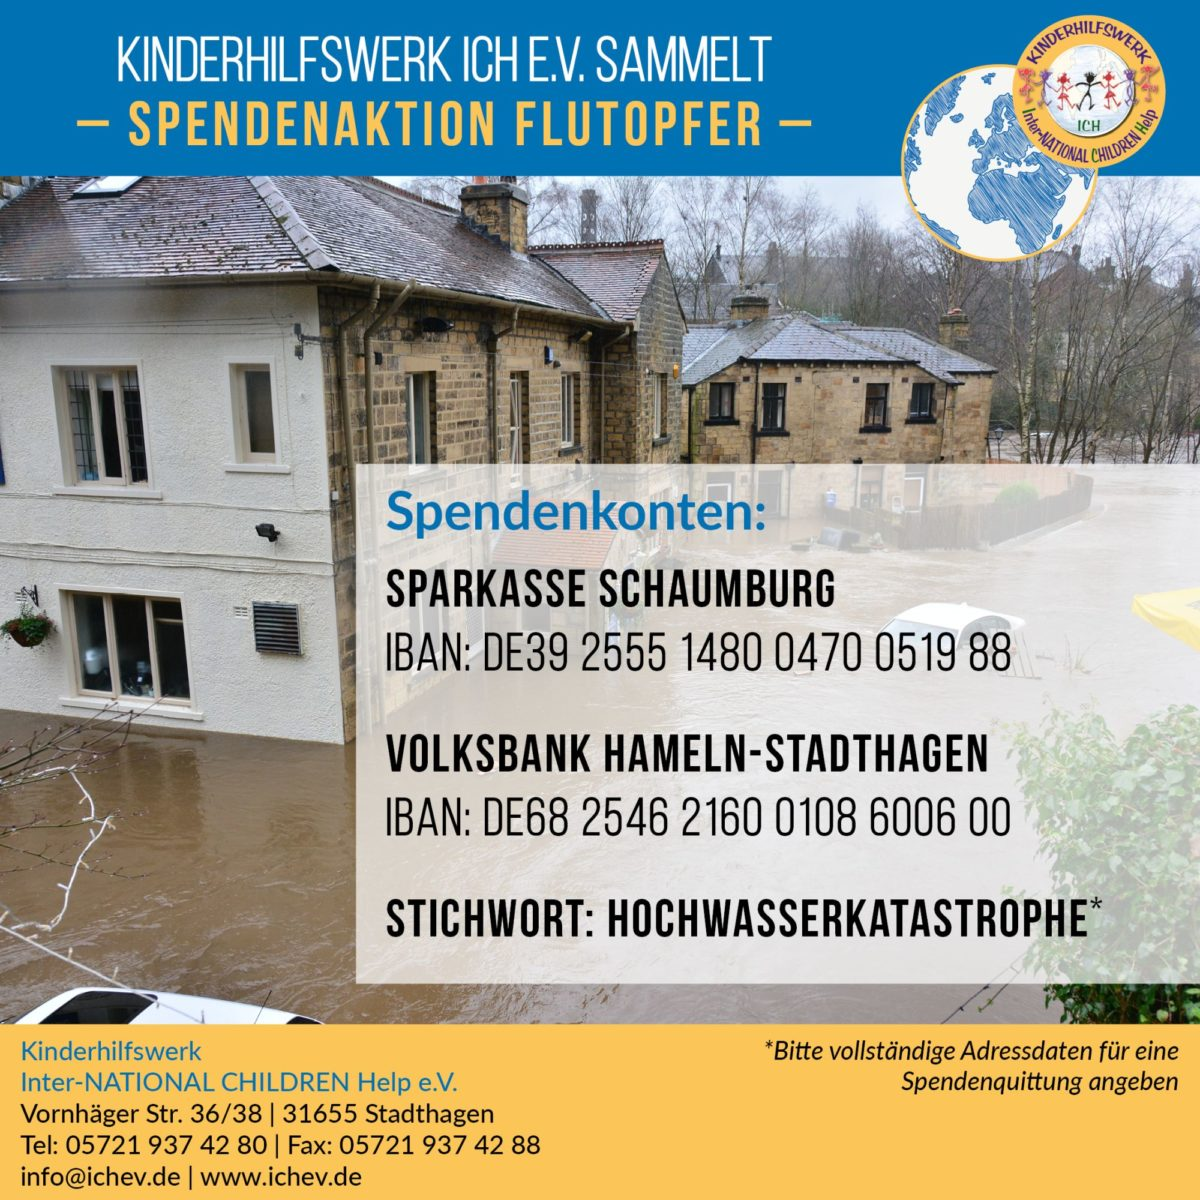 Kinderhilfswerk ICH e.V. sammelt Geld für Flutkatastrophe